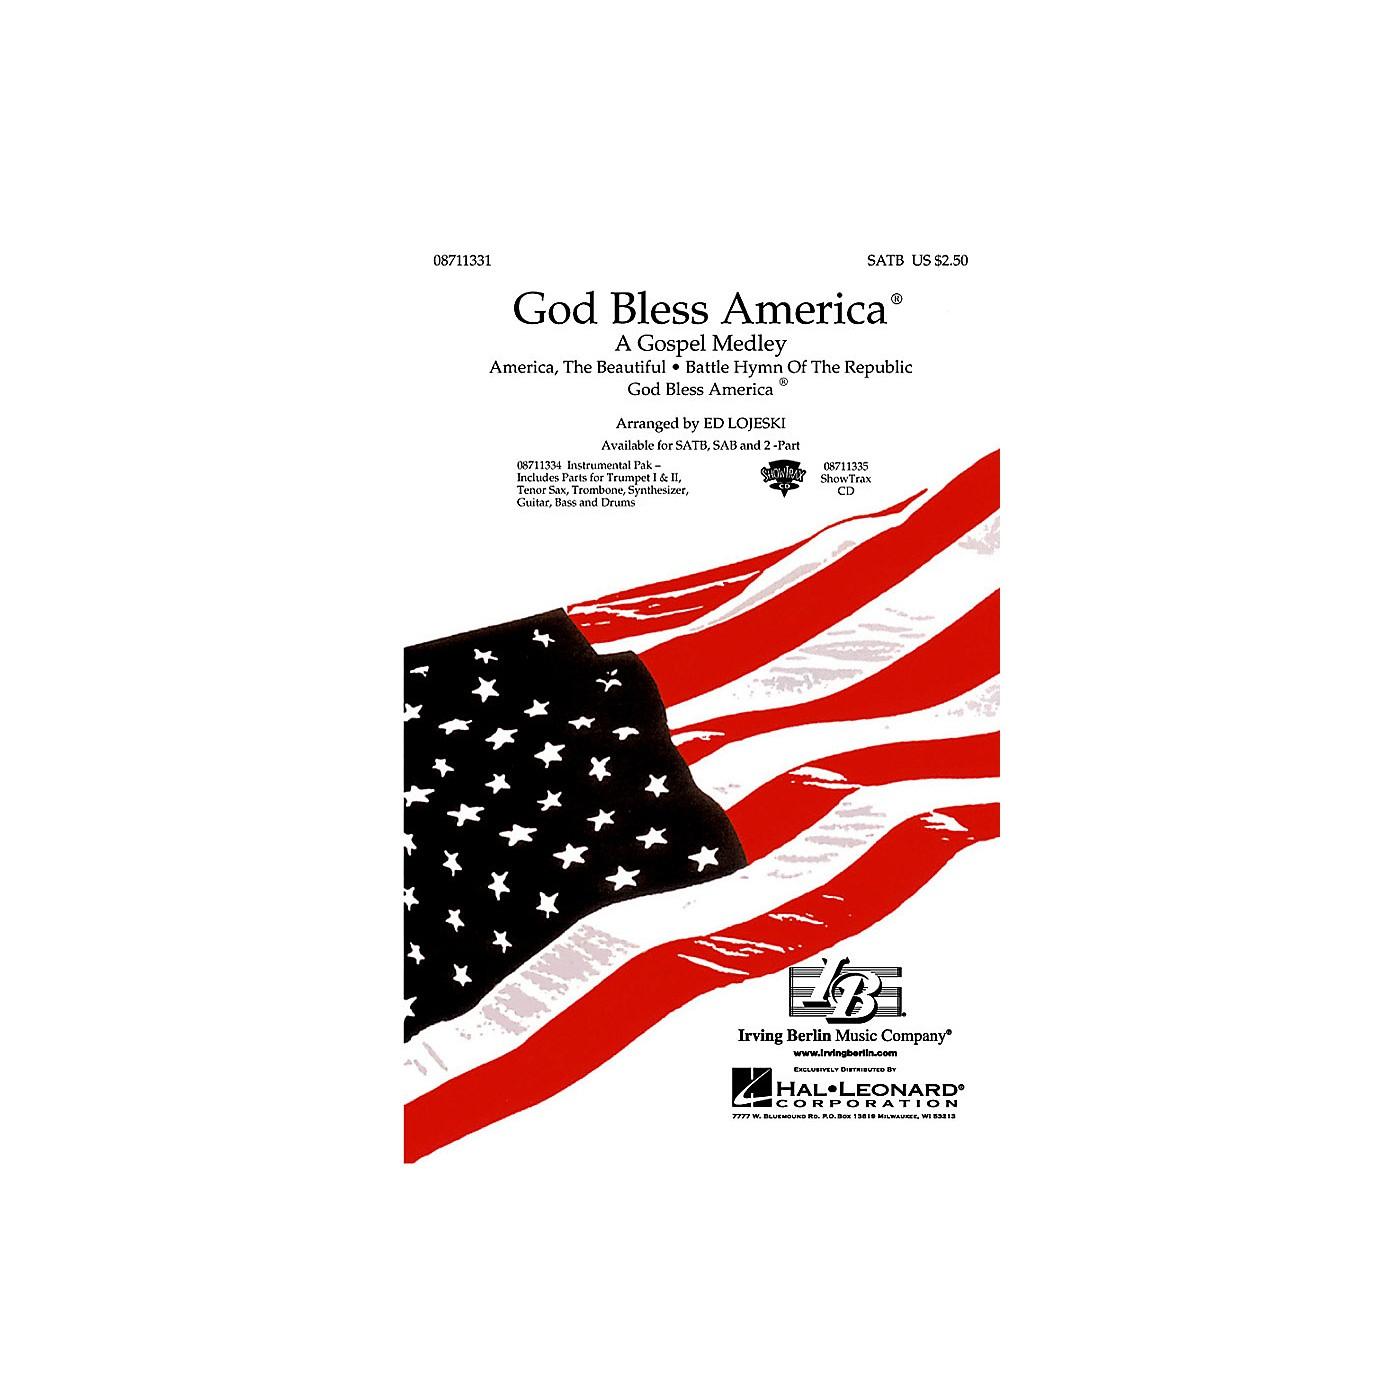 Hal Leonard God Bless America® - A Gospel Medley (SATB) SATB arranged by Ed Lojeski thumbnail